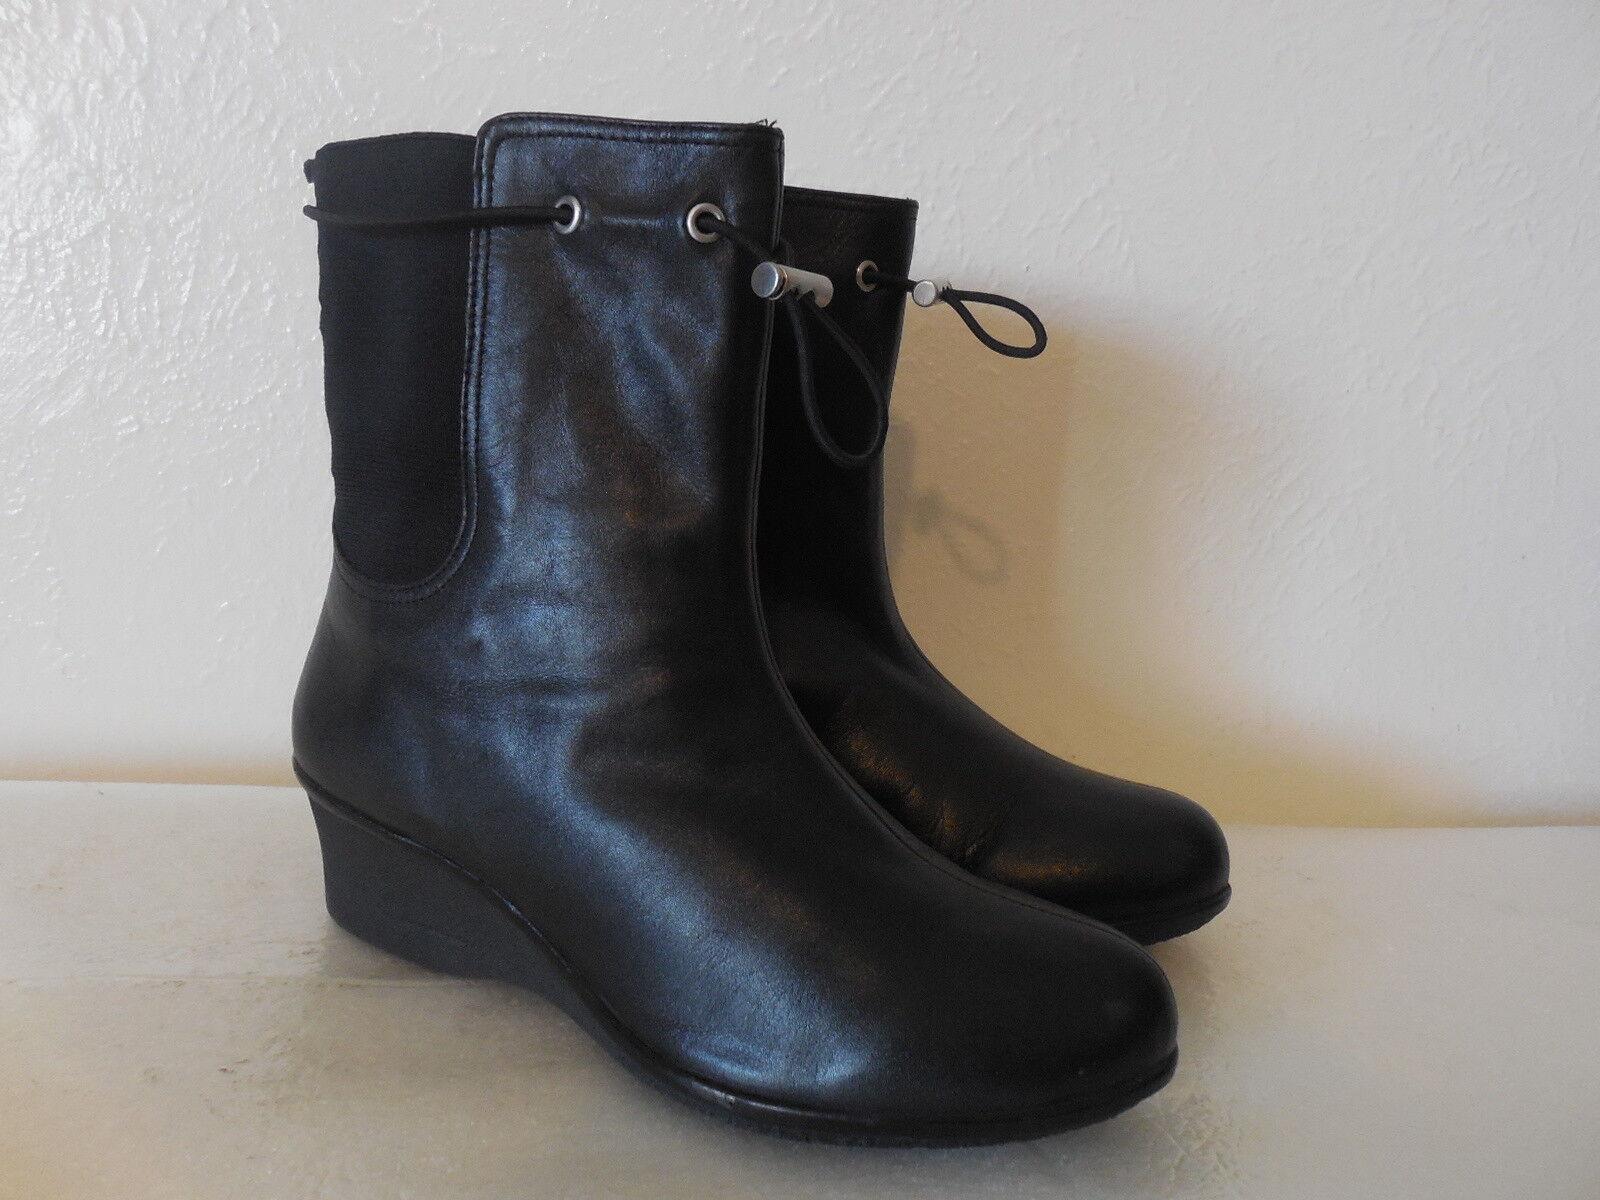 299 NEW Sz.7.5 TARYN Rosa damen  LEATHER schwarz Stiefel